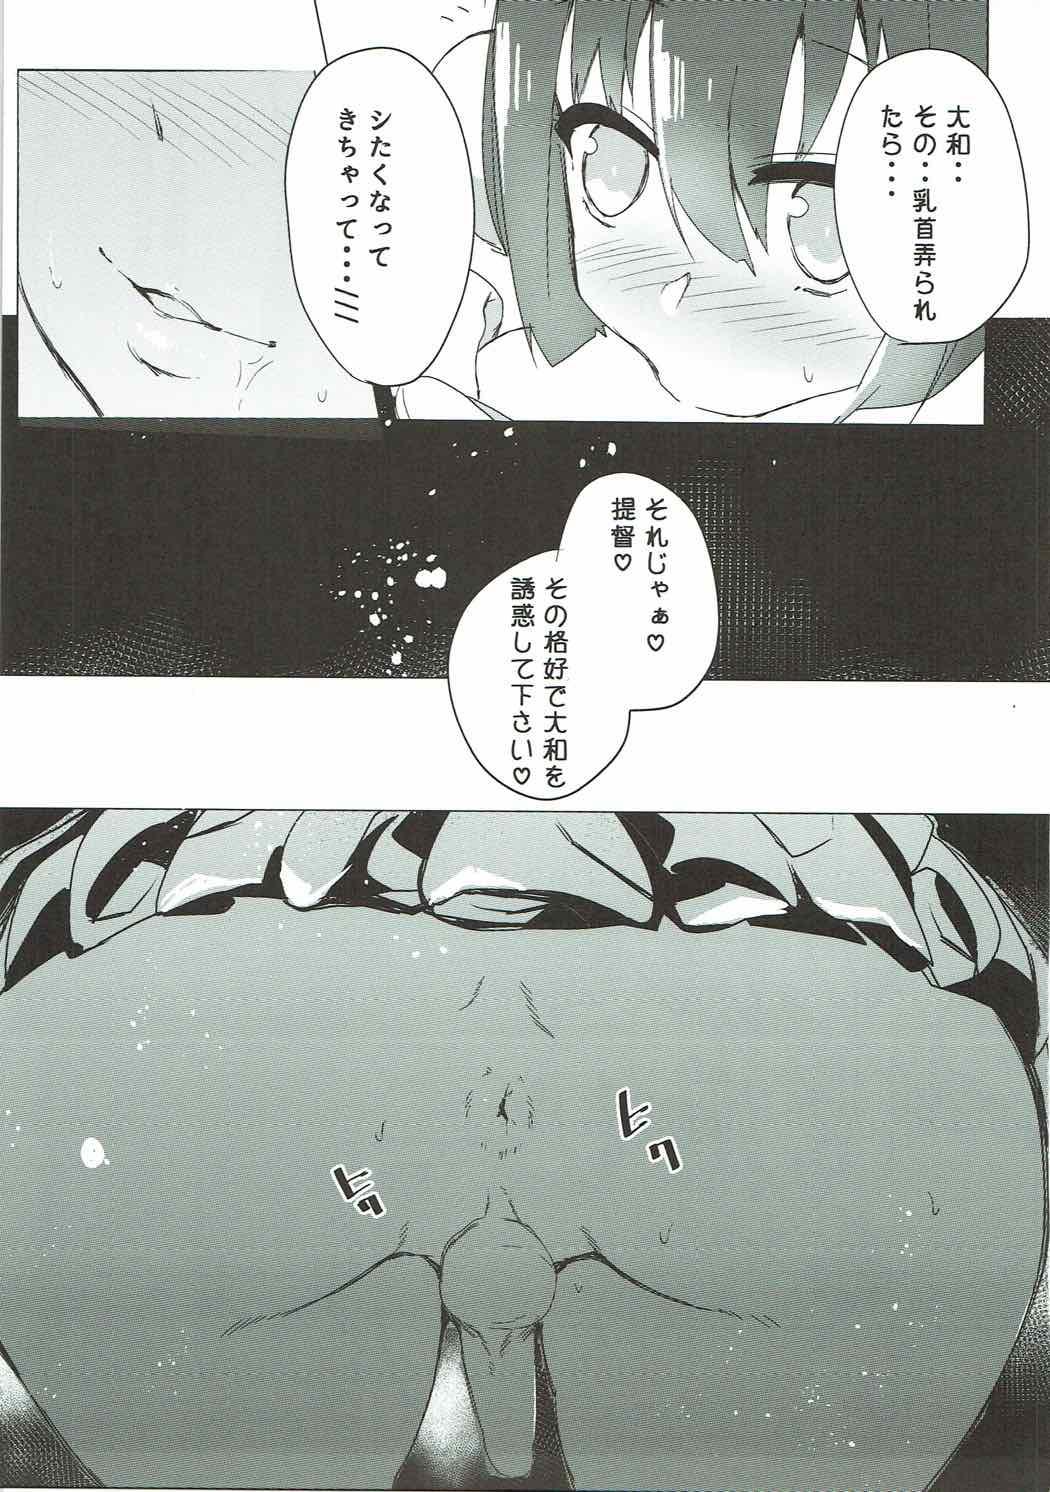 【エロ同人誌】ふたなり大和にアナルを掘られてしまう提督www【艦隊これくしょん -艦これ-/C92】